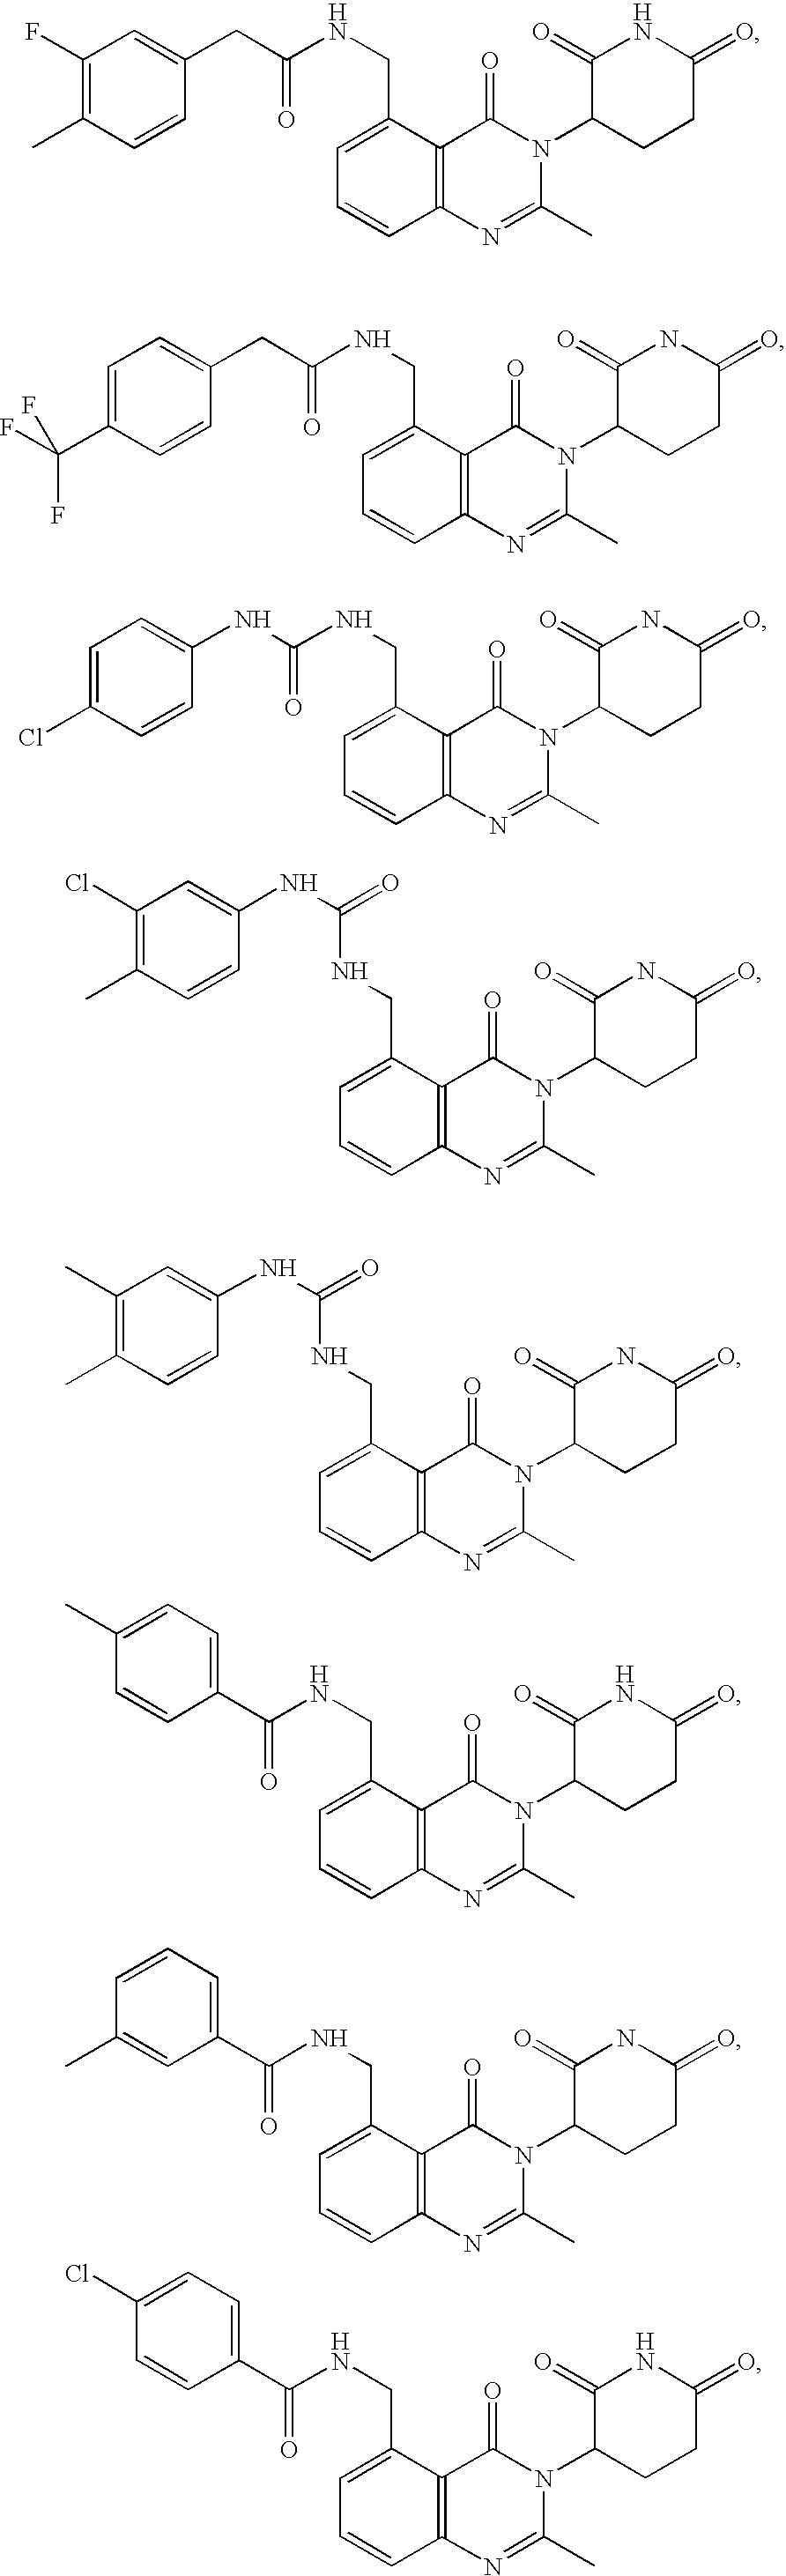 Figure US07635700-20091222-C00012